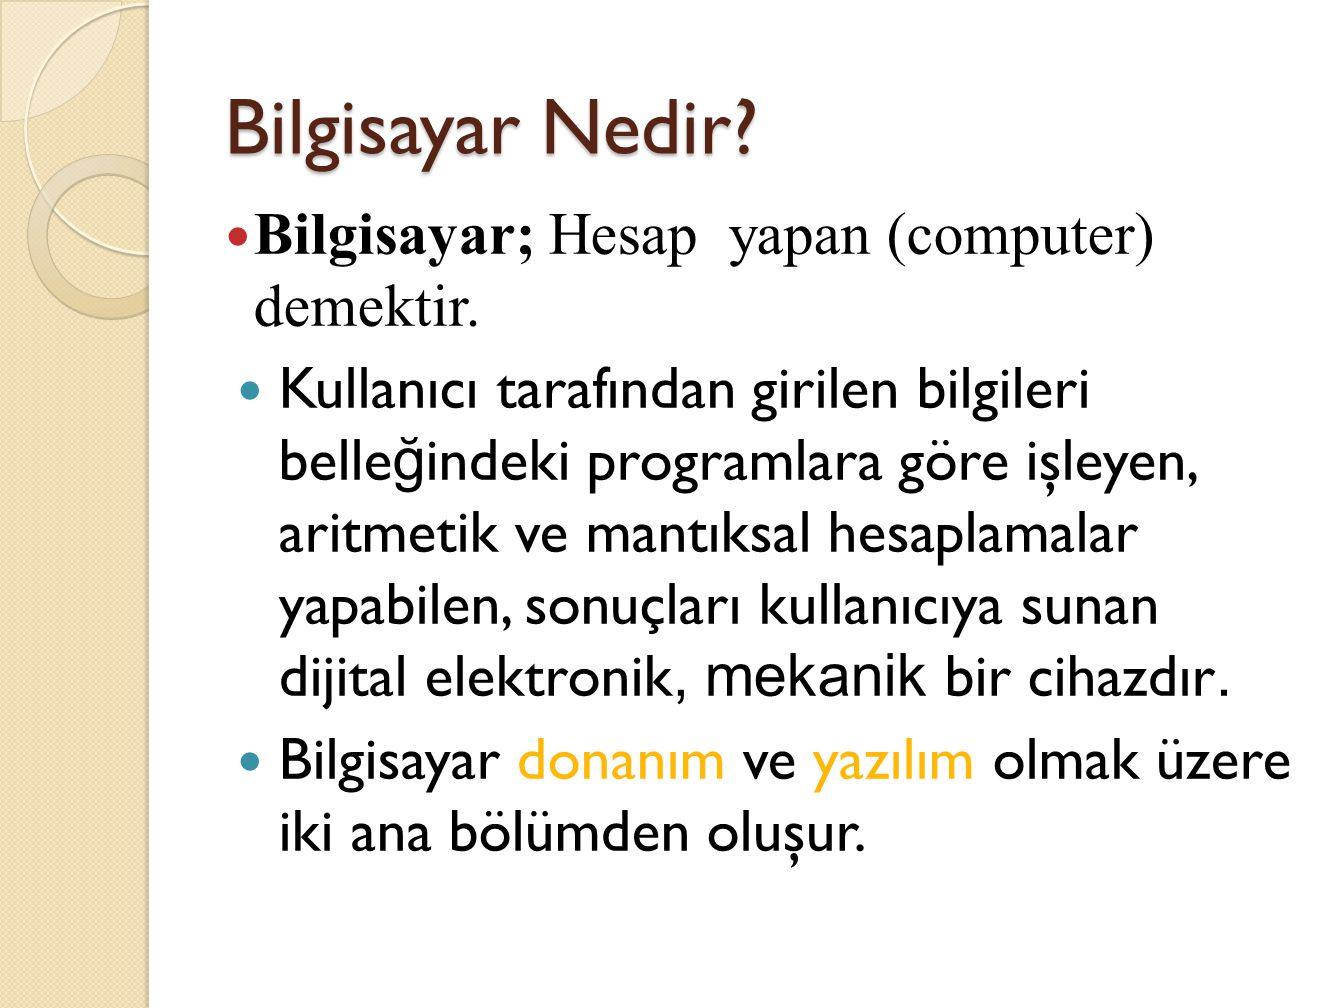 Bilgisayar Nedir Bilgisayar; Hesap yapan (computer) demektir.